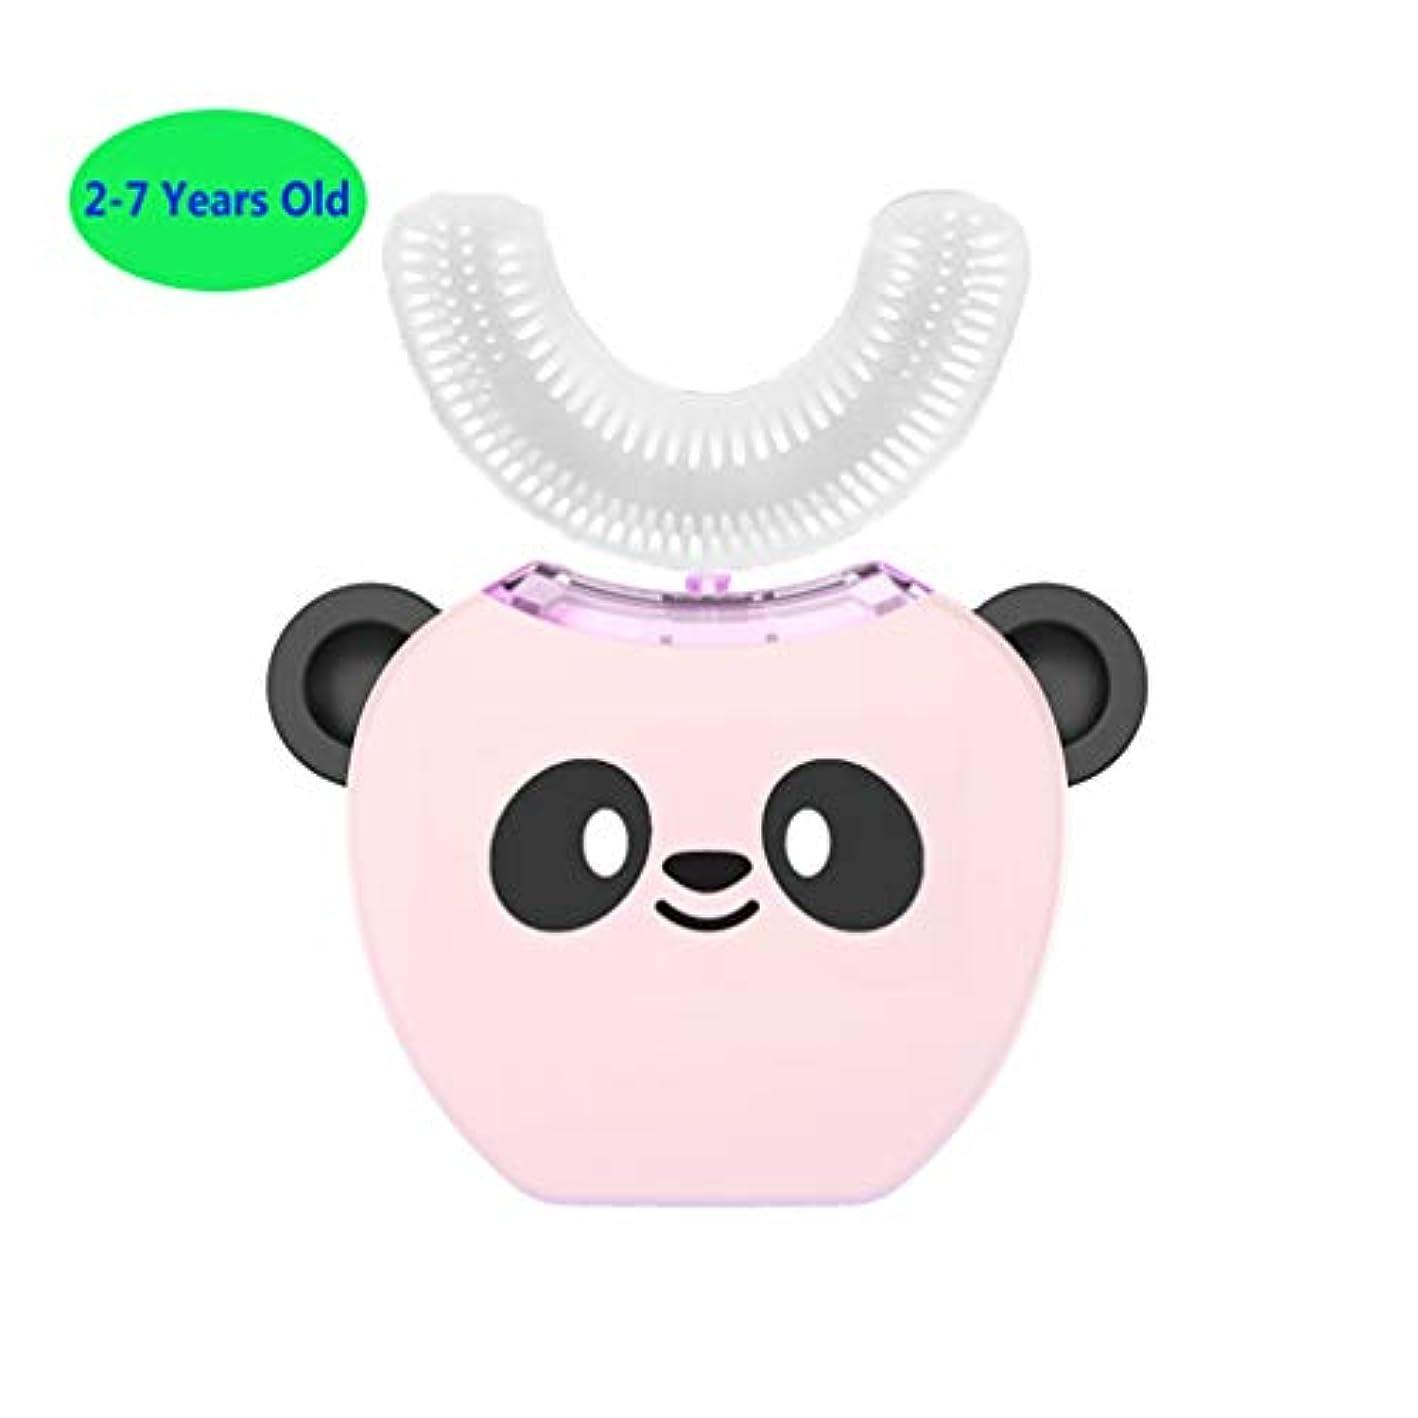 ラフト通行人後退する子供のためのフルオートの電動歯ブラシ、360°超音波電動歯ブラシ、冷光、美白装置、自動歯ブラシ、ワイヤレス充電ドック,Pink,2/7Years